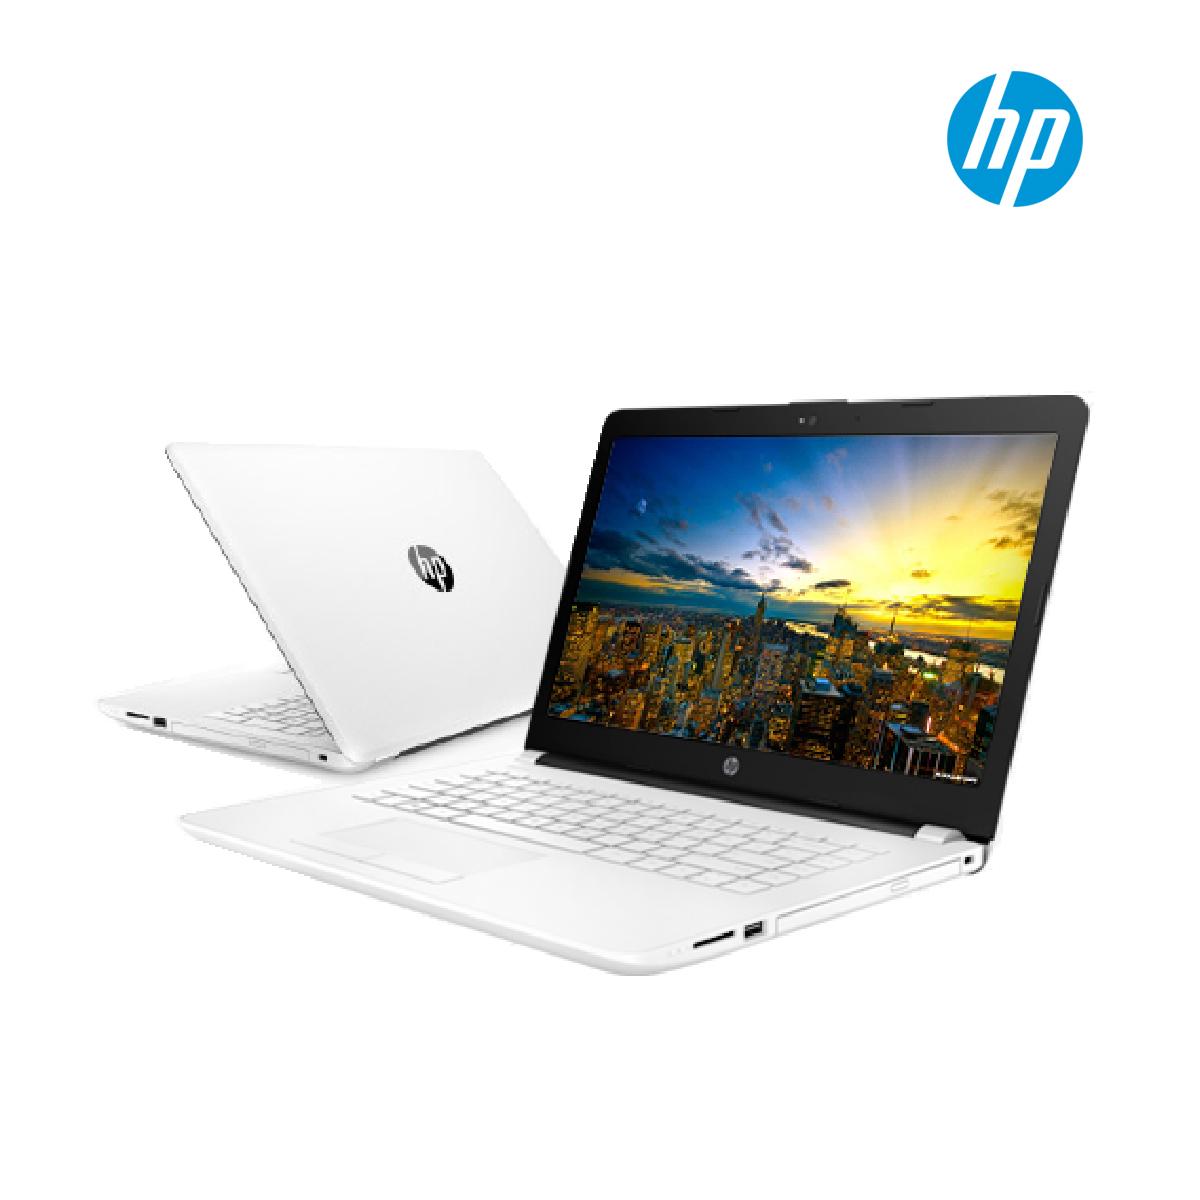 Notebook HP 14-bs011la i3   Chanintec c1516bbe5e66